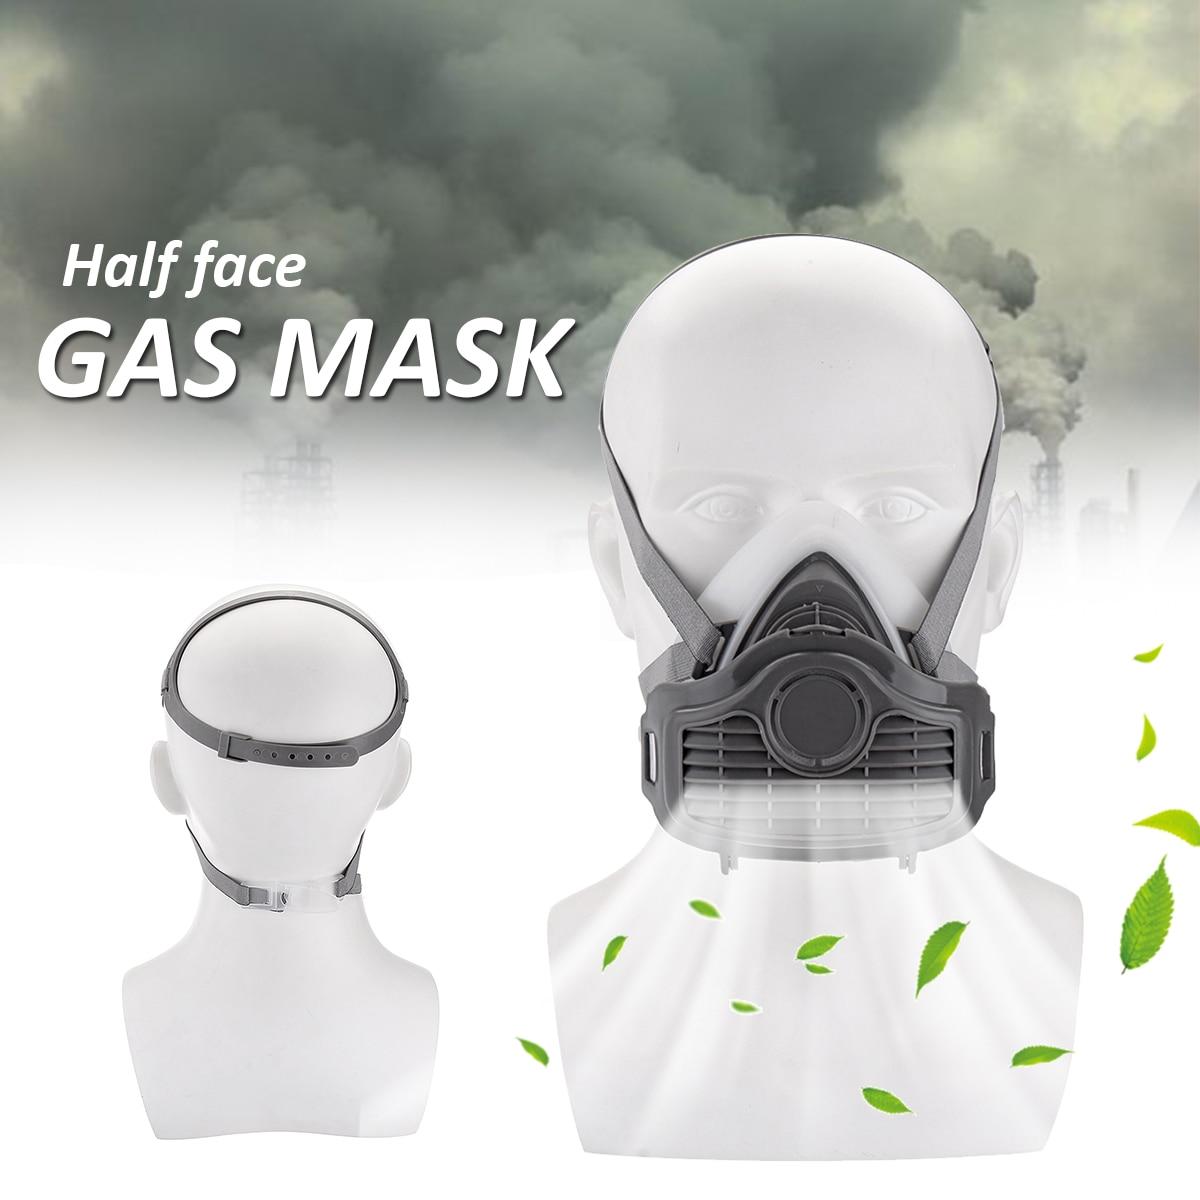 La sécurité des Voies Respiratoires Gaz Masque La Moitié Du Visage Filtre Anti-Poussière Fumée Masque De Protection pour la Peinture De Pulvérisation Industrielle Pesticides Chimiques